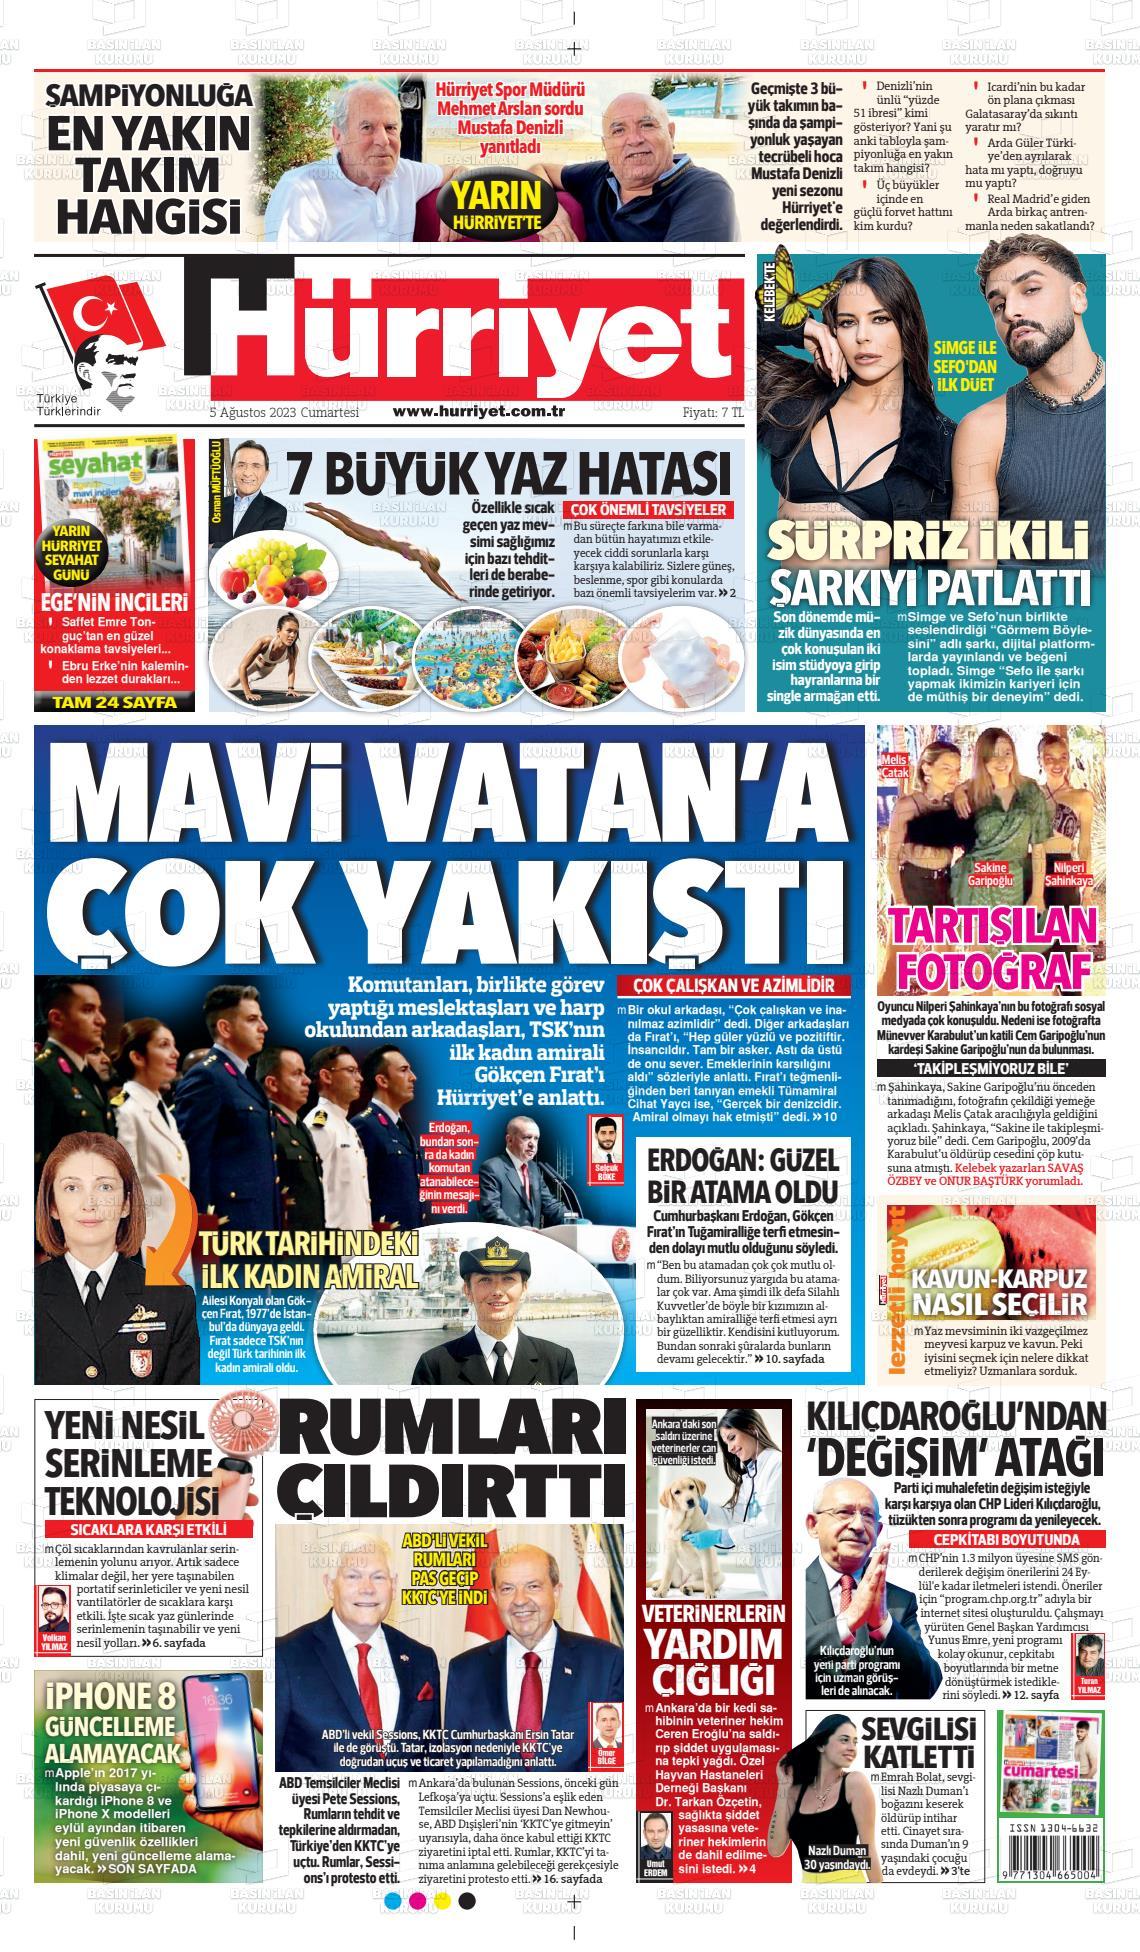 Hürriyet Газета